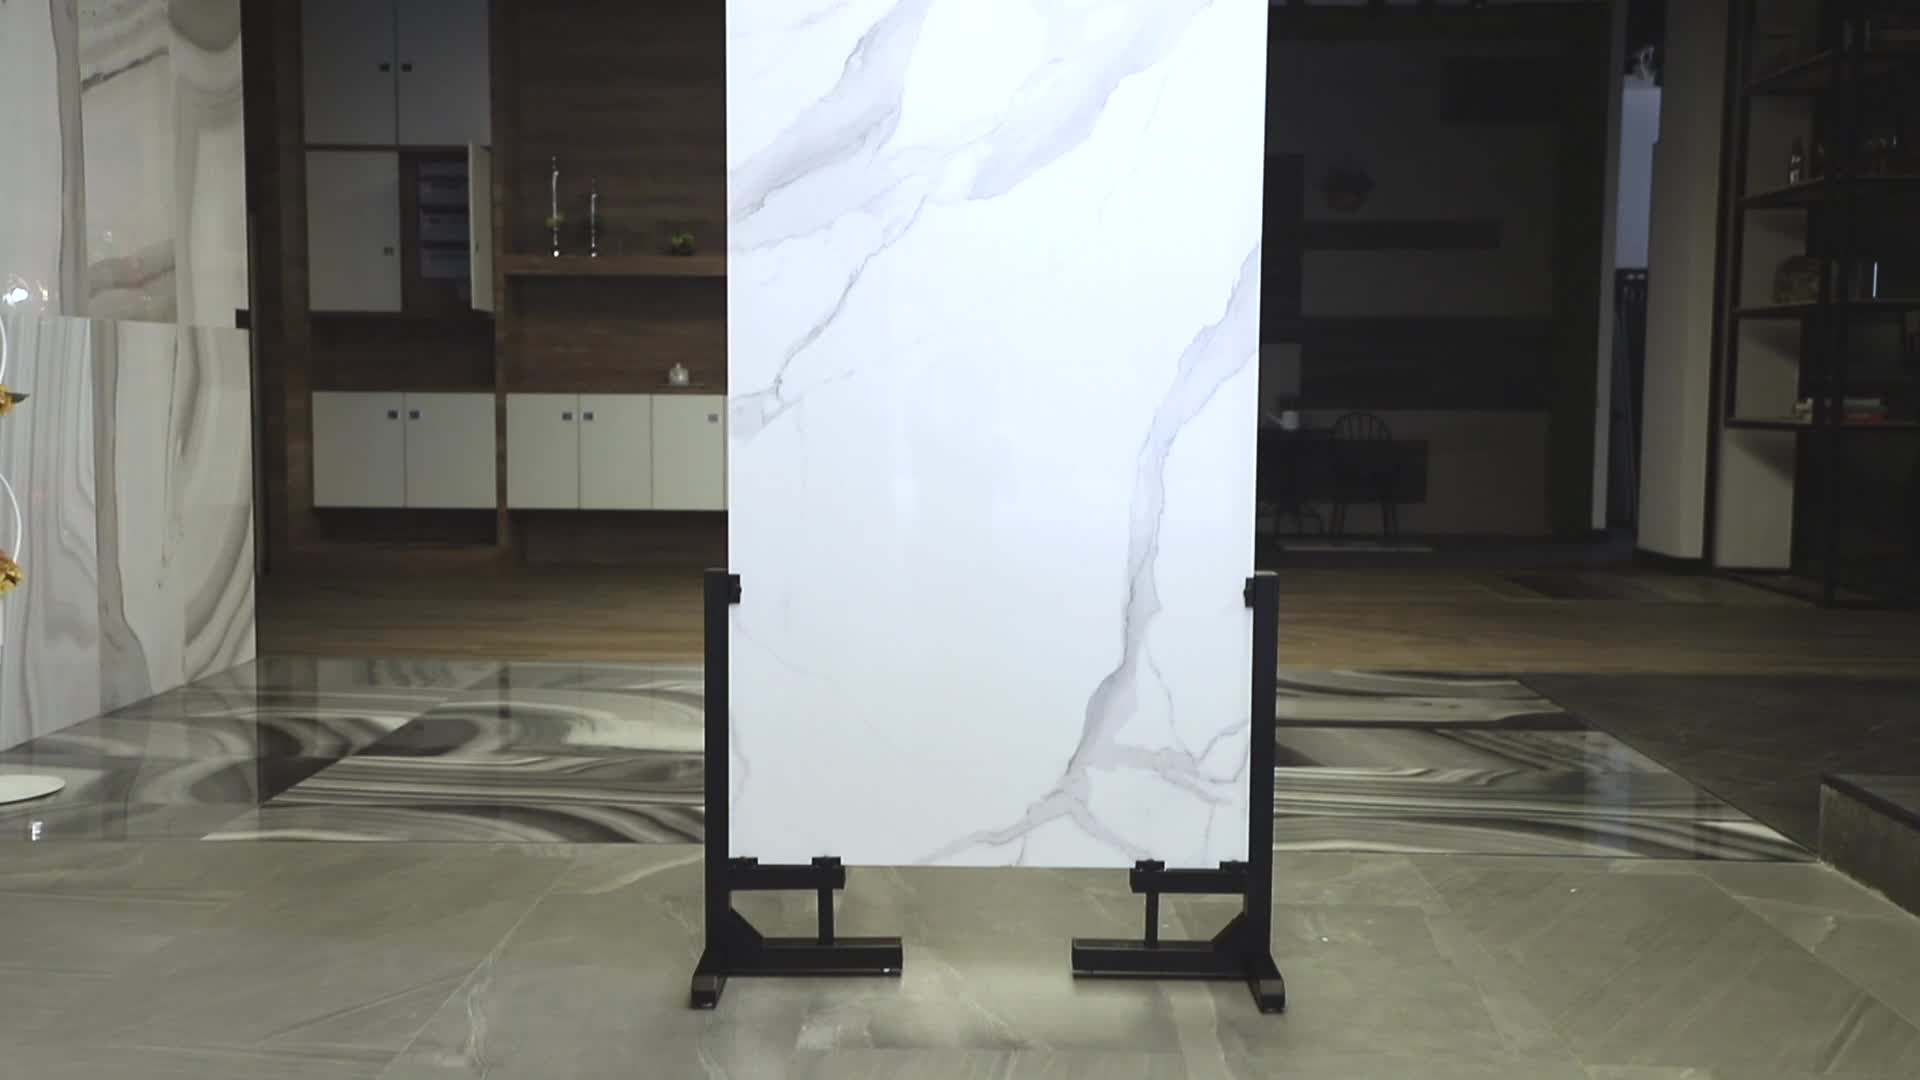 กระเบื้องปูพื้นเซรามิก60X60ราคาสำหรับ Pulati กระเบื้องปูพื้นพอร์ซเลนสีขาว